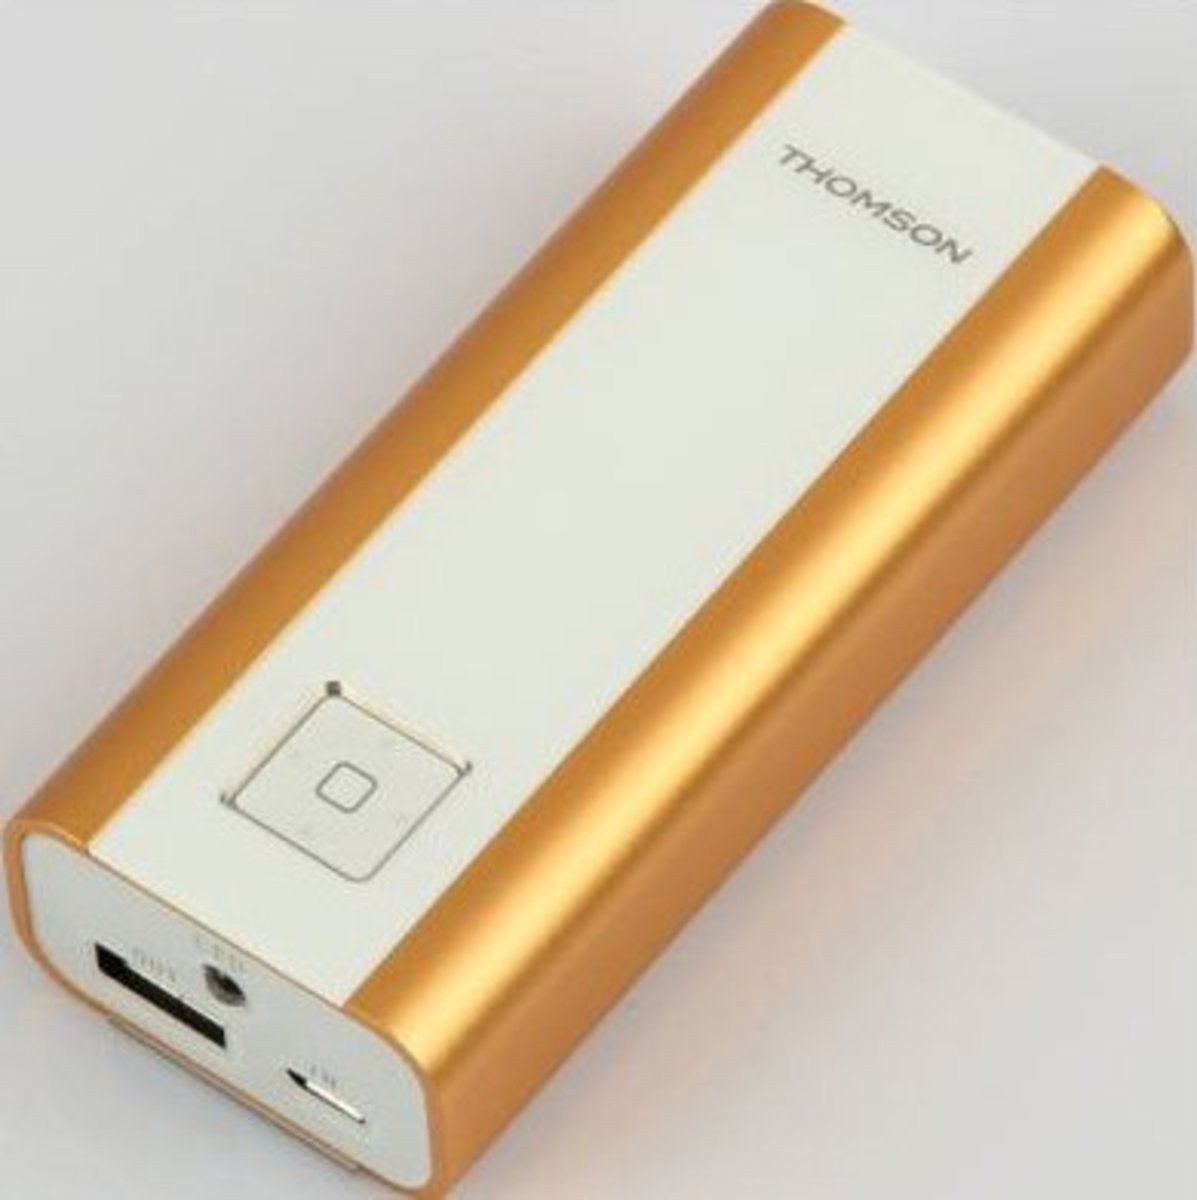 4800mAh 流動充電器, TH-A5B001 金色